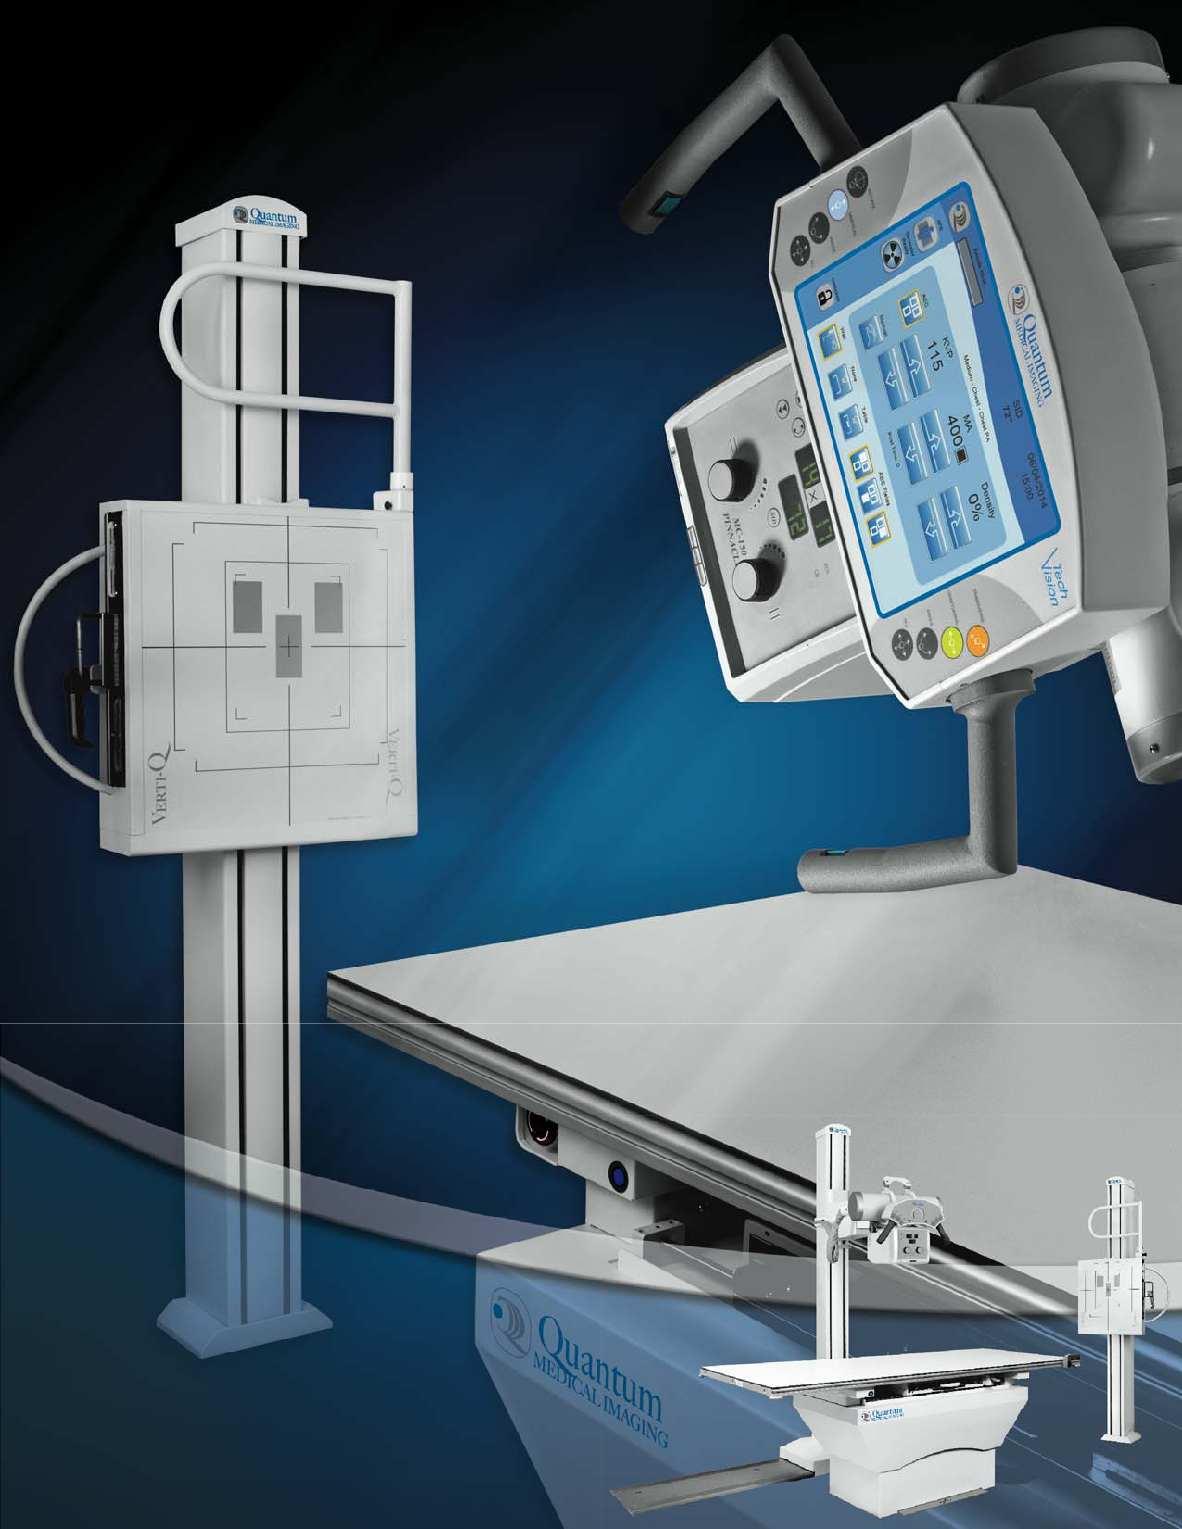 X quang thuong quy Q-rad